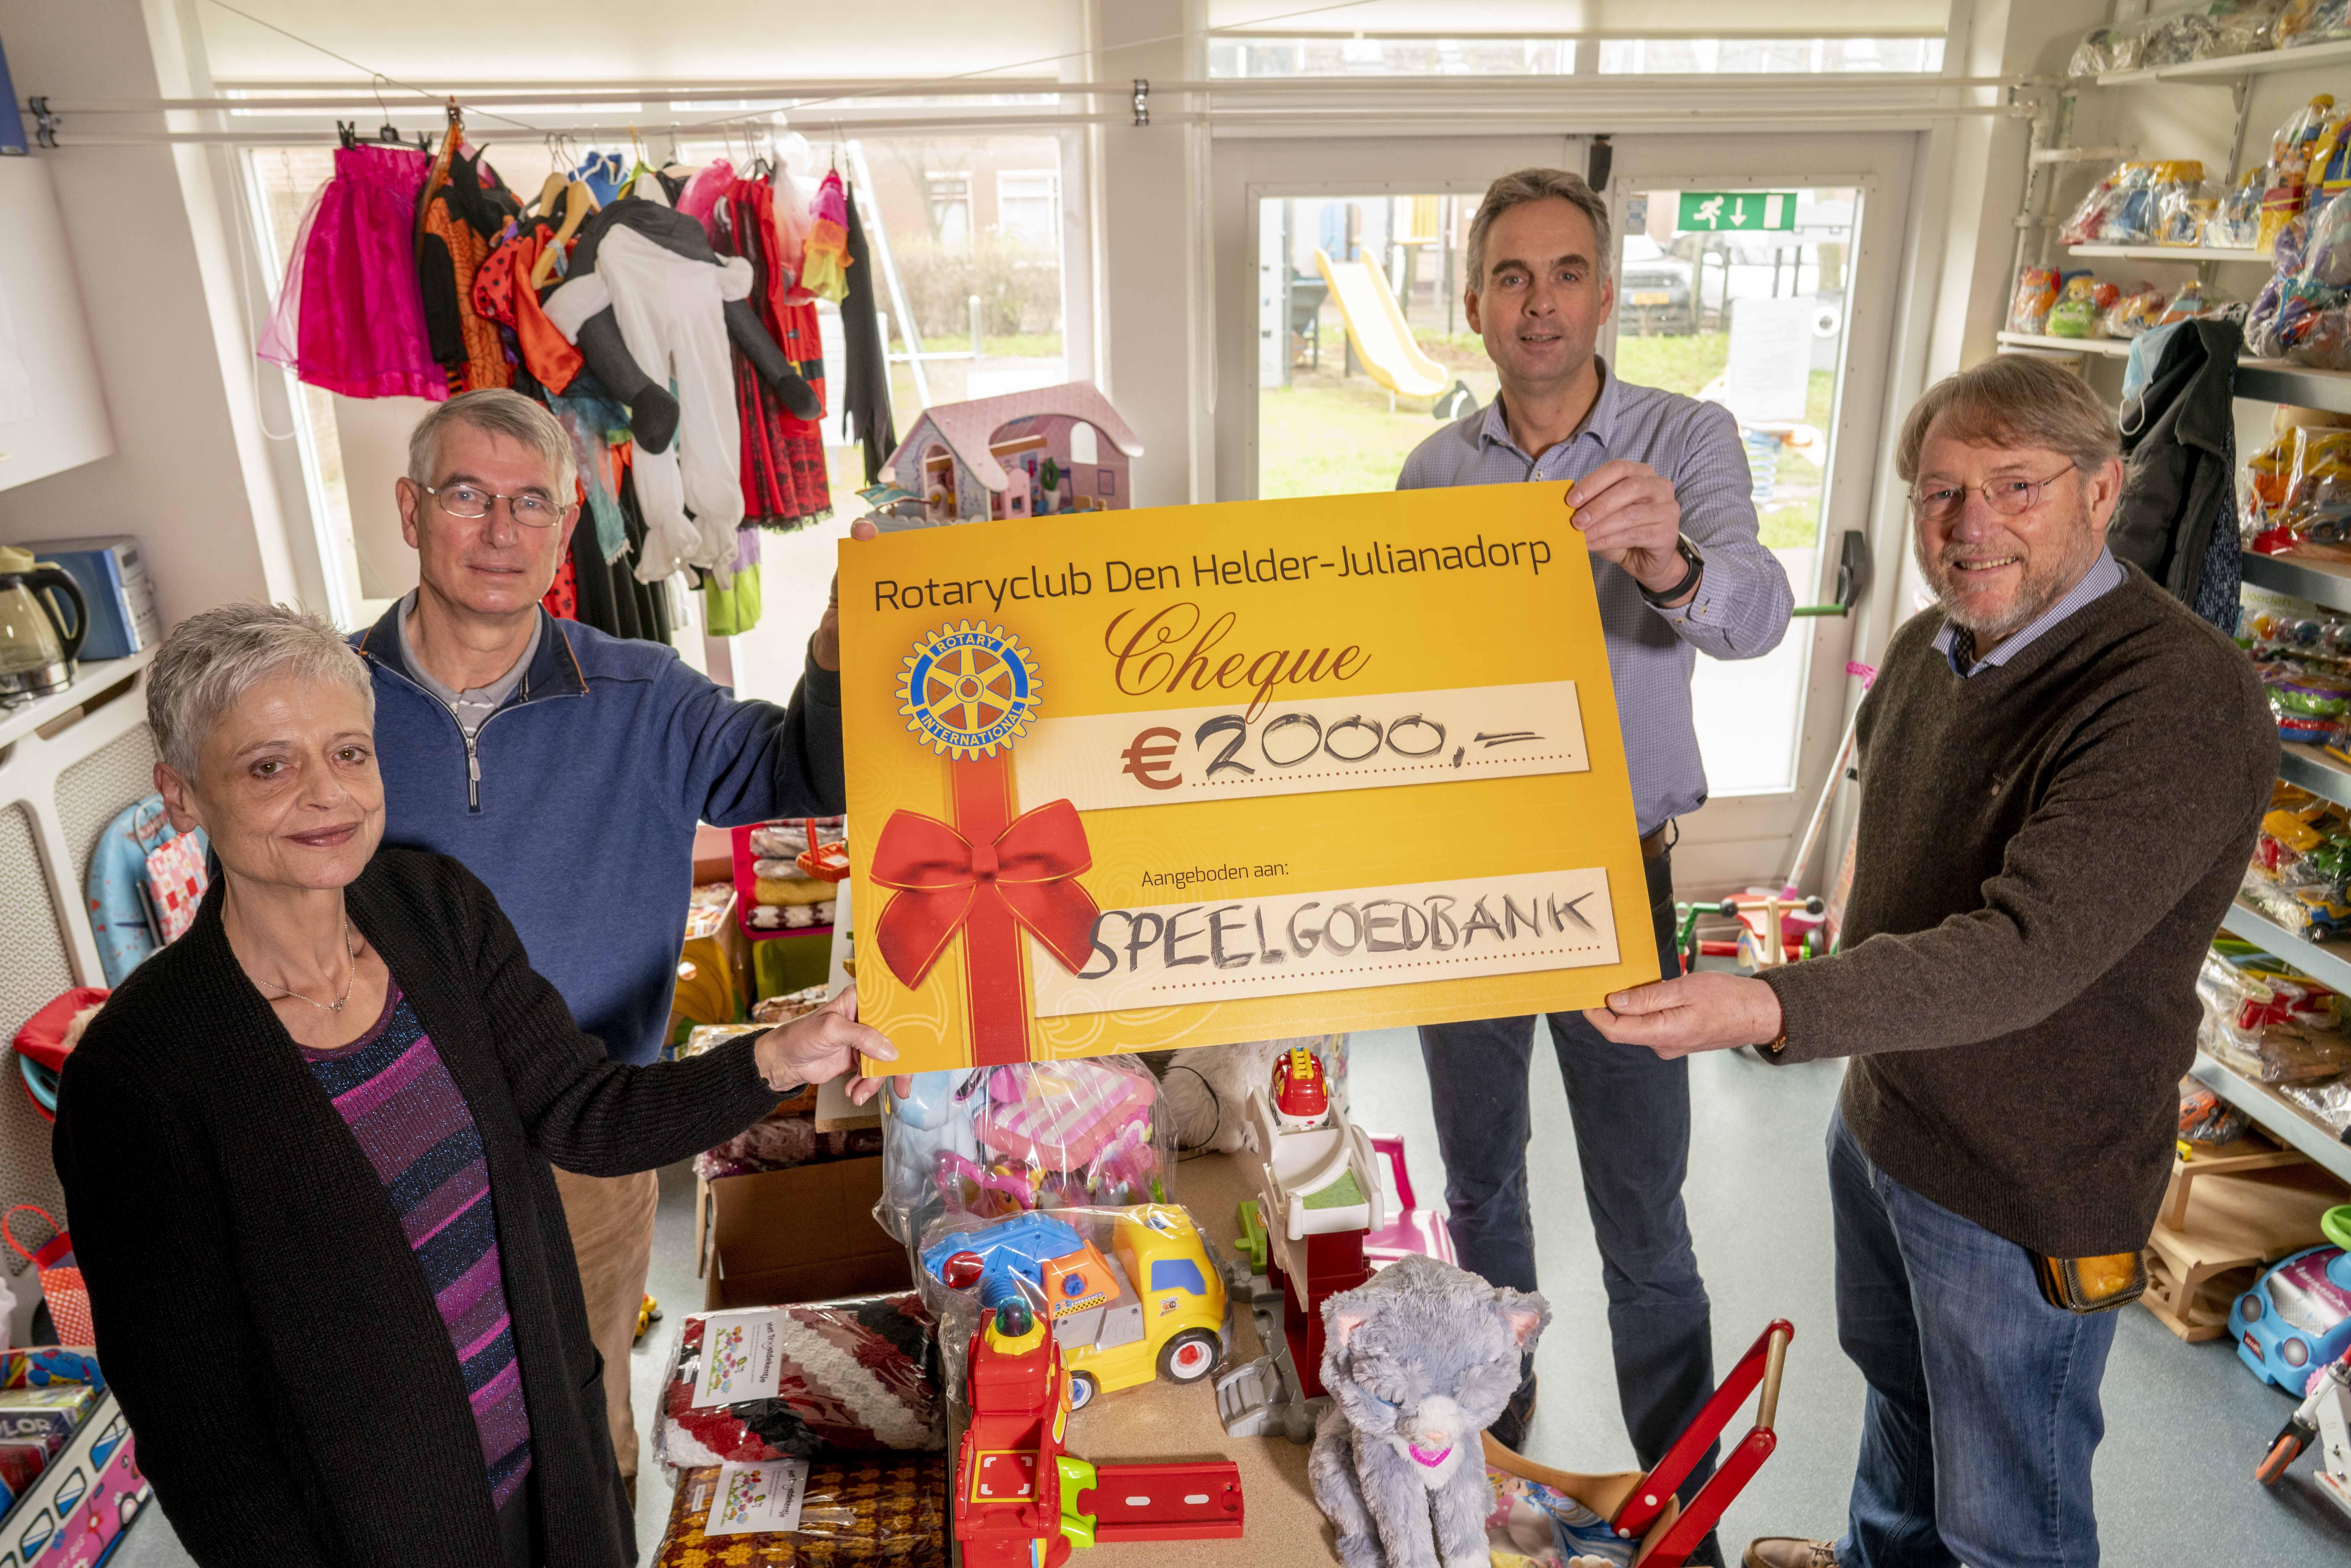 Honderdduizend kilo oude kleding ging er dit jaar door de handen van de Rotaryleden. Zodat er weer een gulle gift naar de Speelgoedbank Den Helder kan [video]